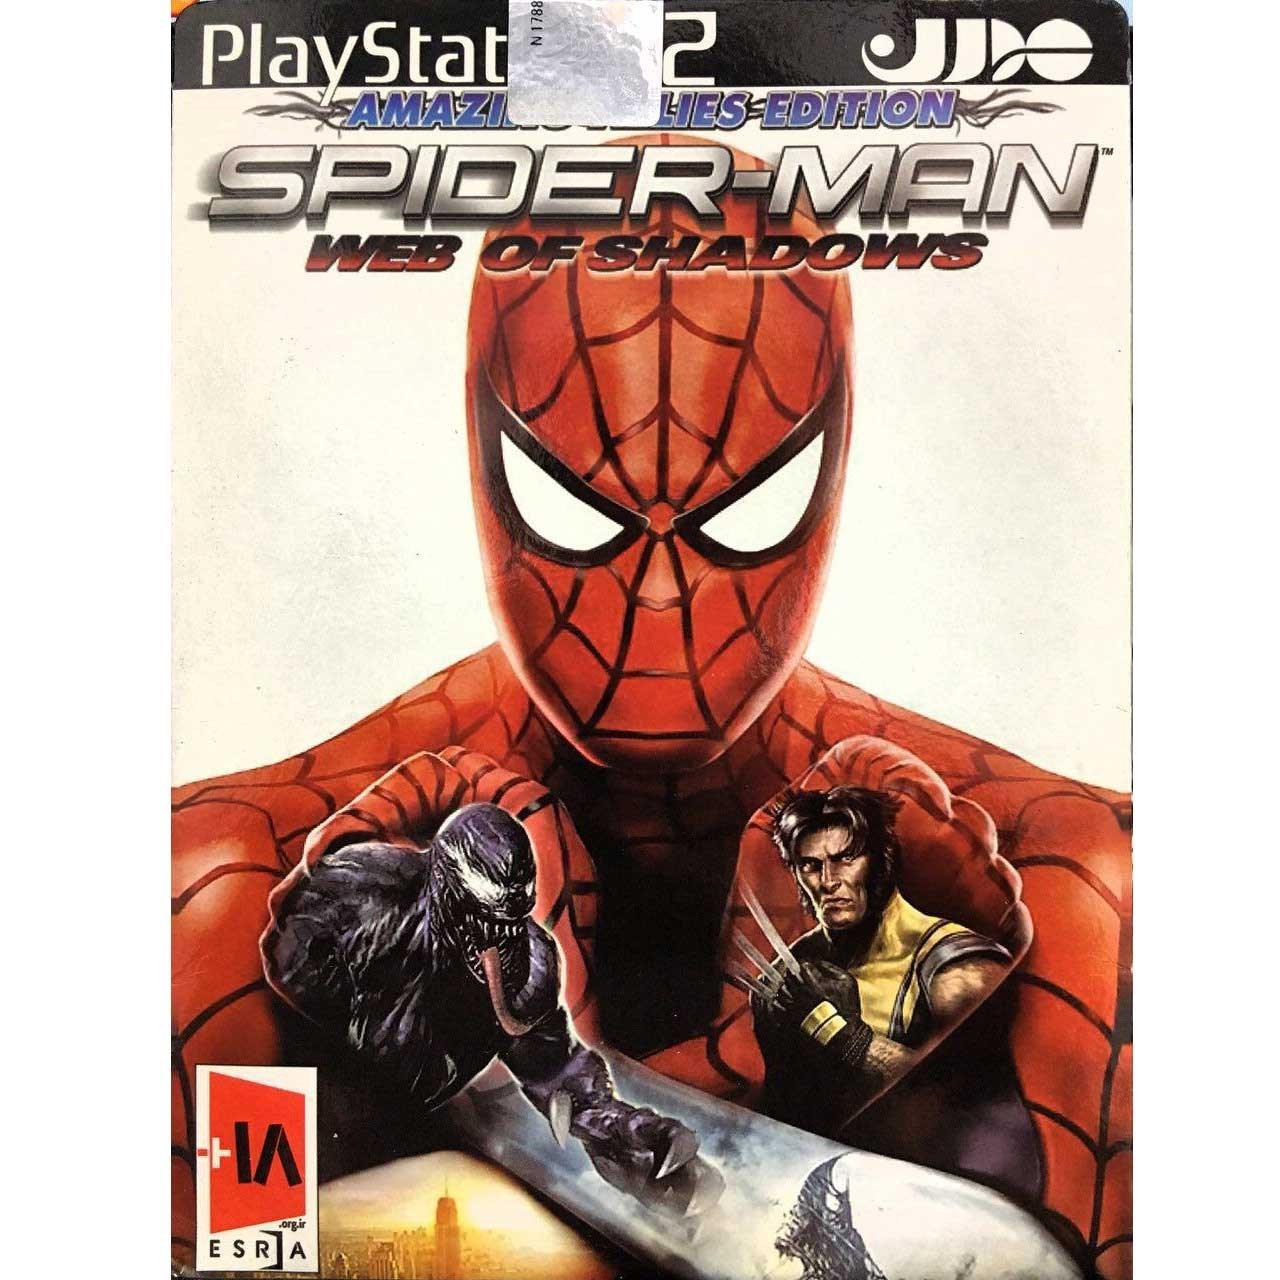 بازی SPIDERMAN WEB OF SHADOWS مخصوص PS2